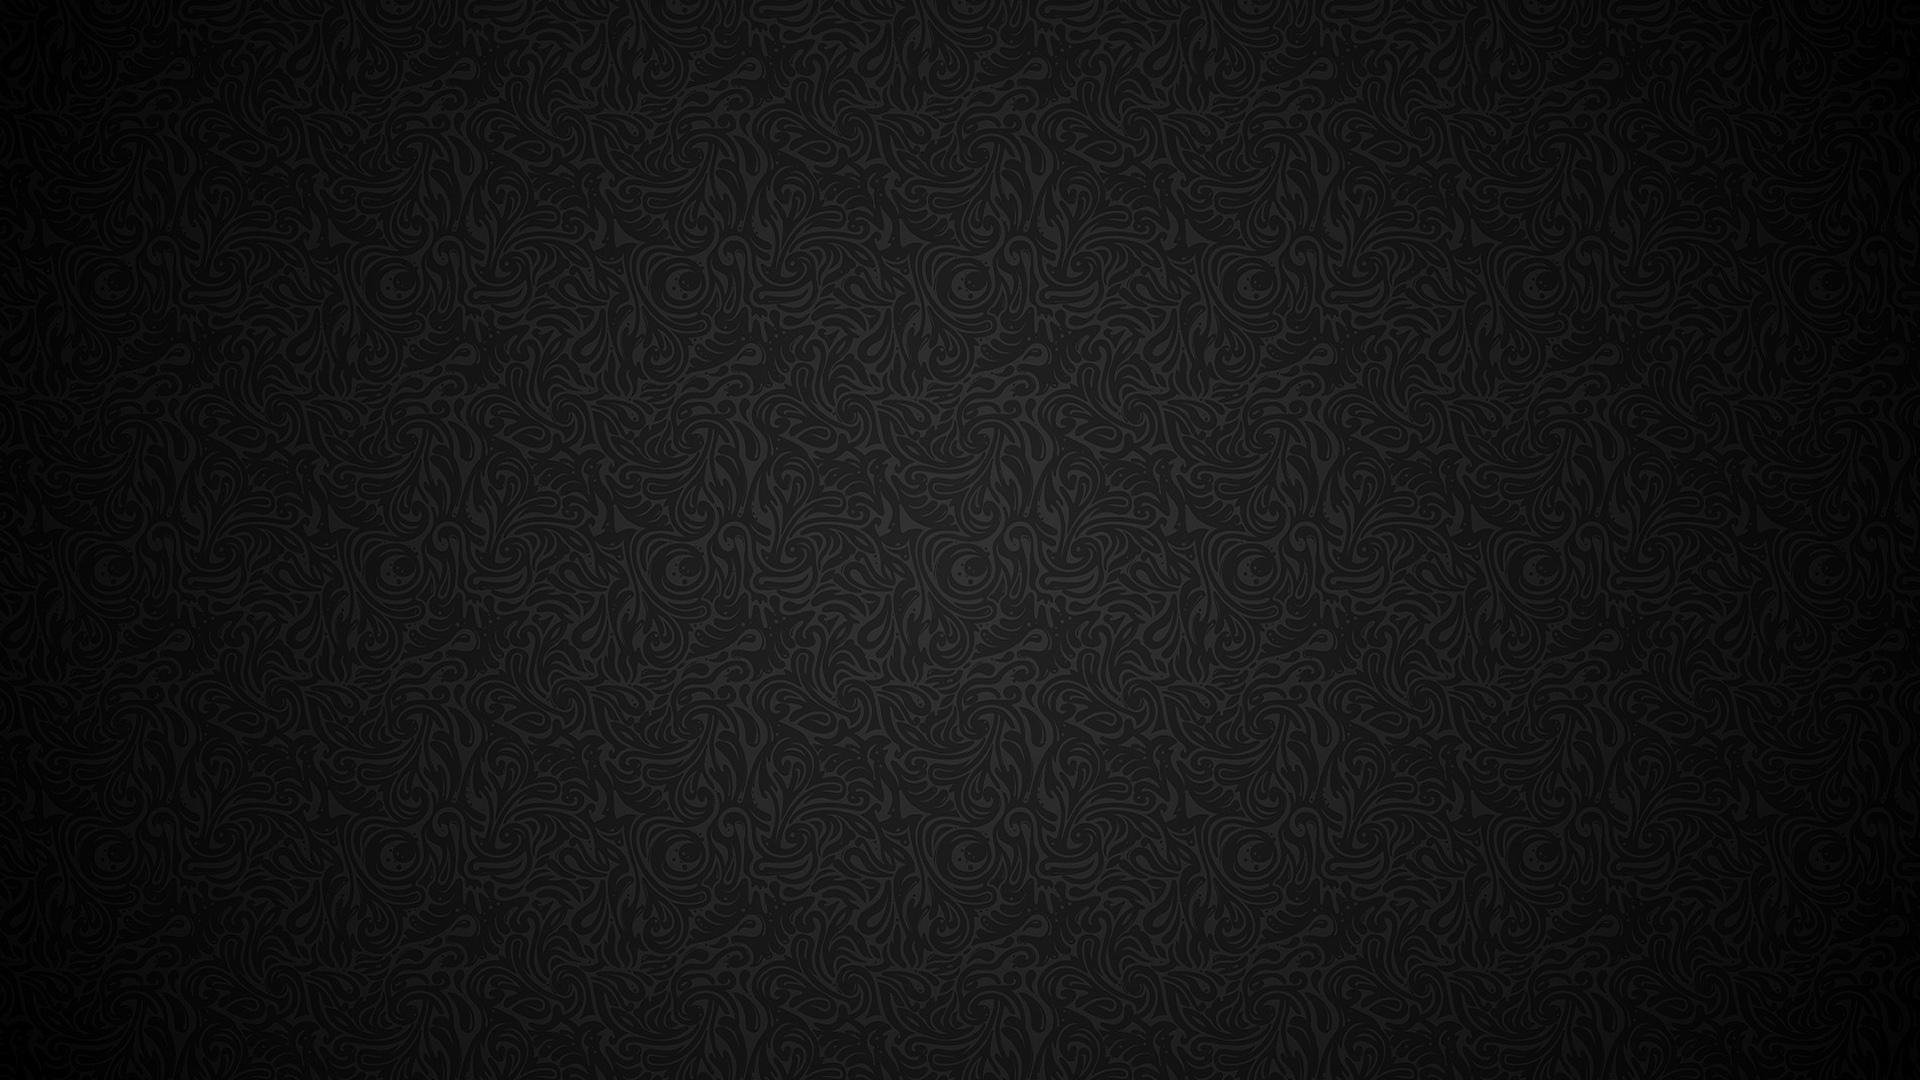 круги узоры темный фон  № 2064678 без смс